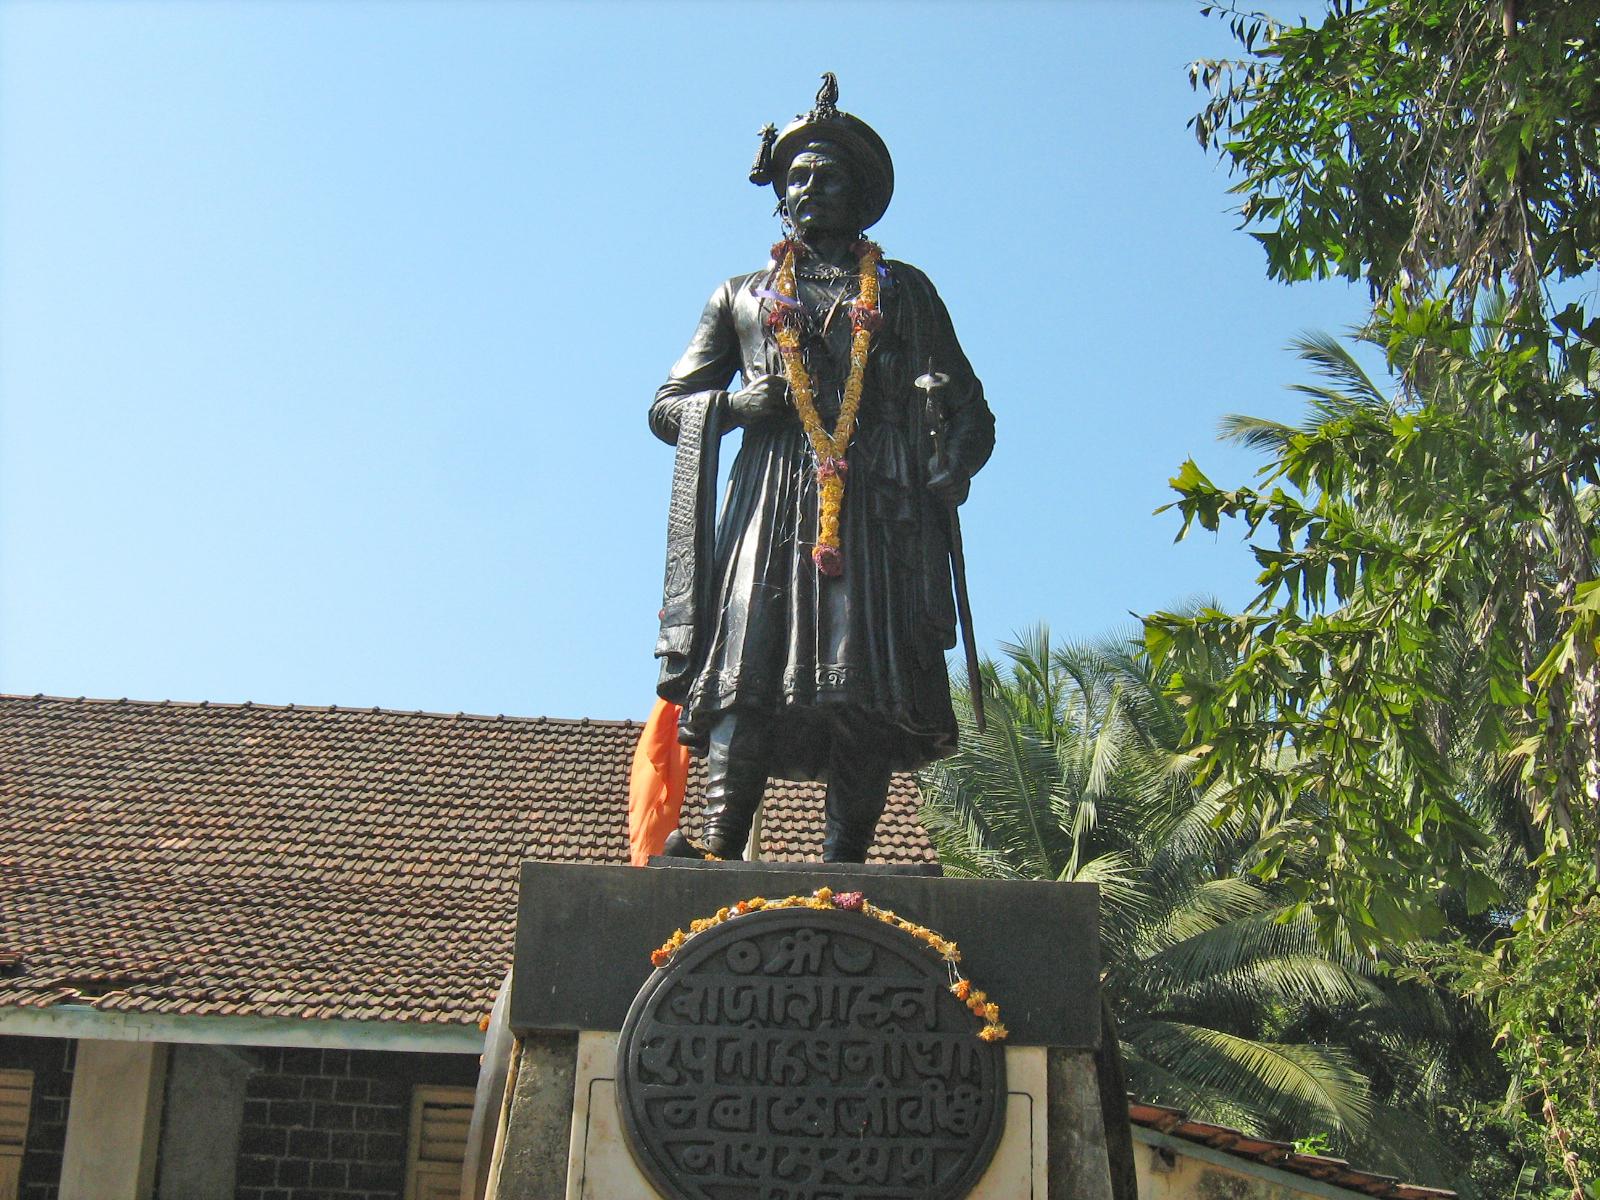 Statue of Peshwa balaji Vishwanath